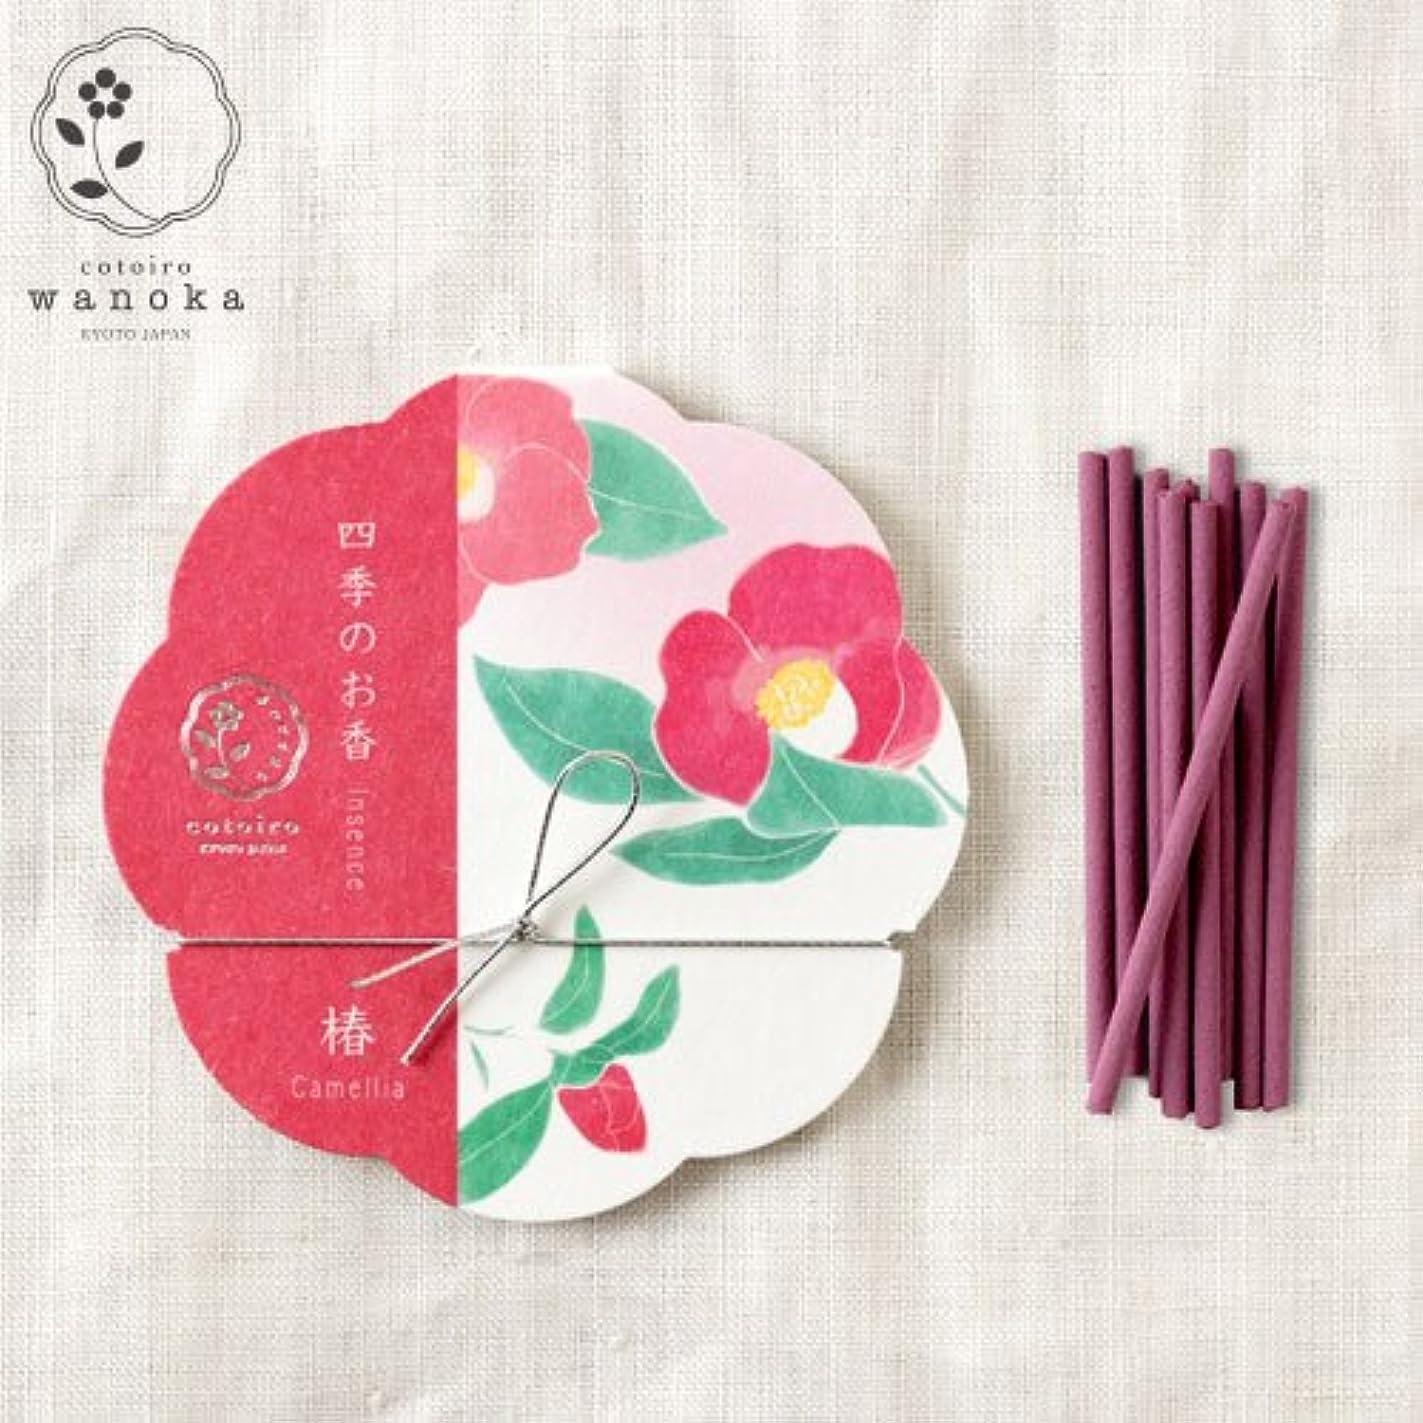 もろいパリティ多様体wanoka四季のお香(インセンス)椿《椿をイメージしたおしとやかで深みのある香り》ART LABIncense stick